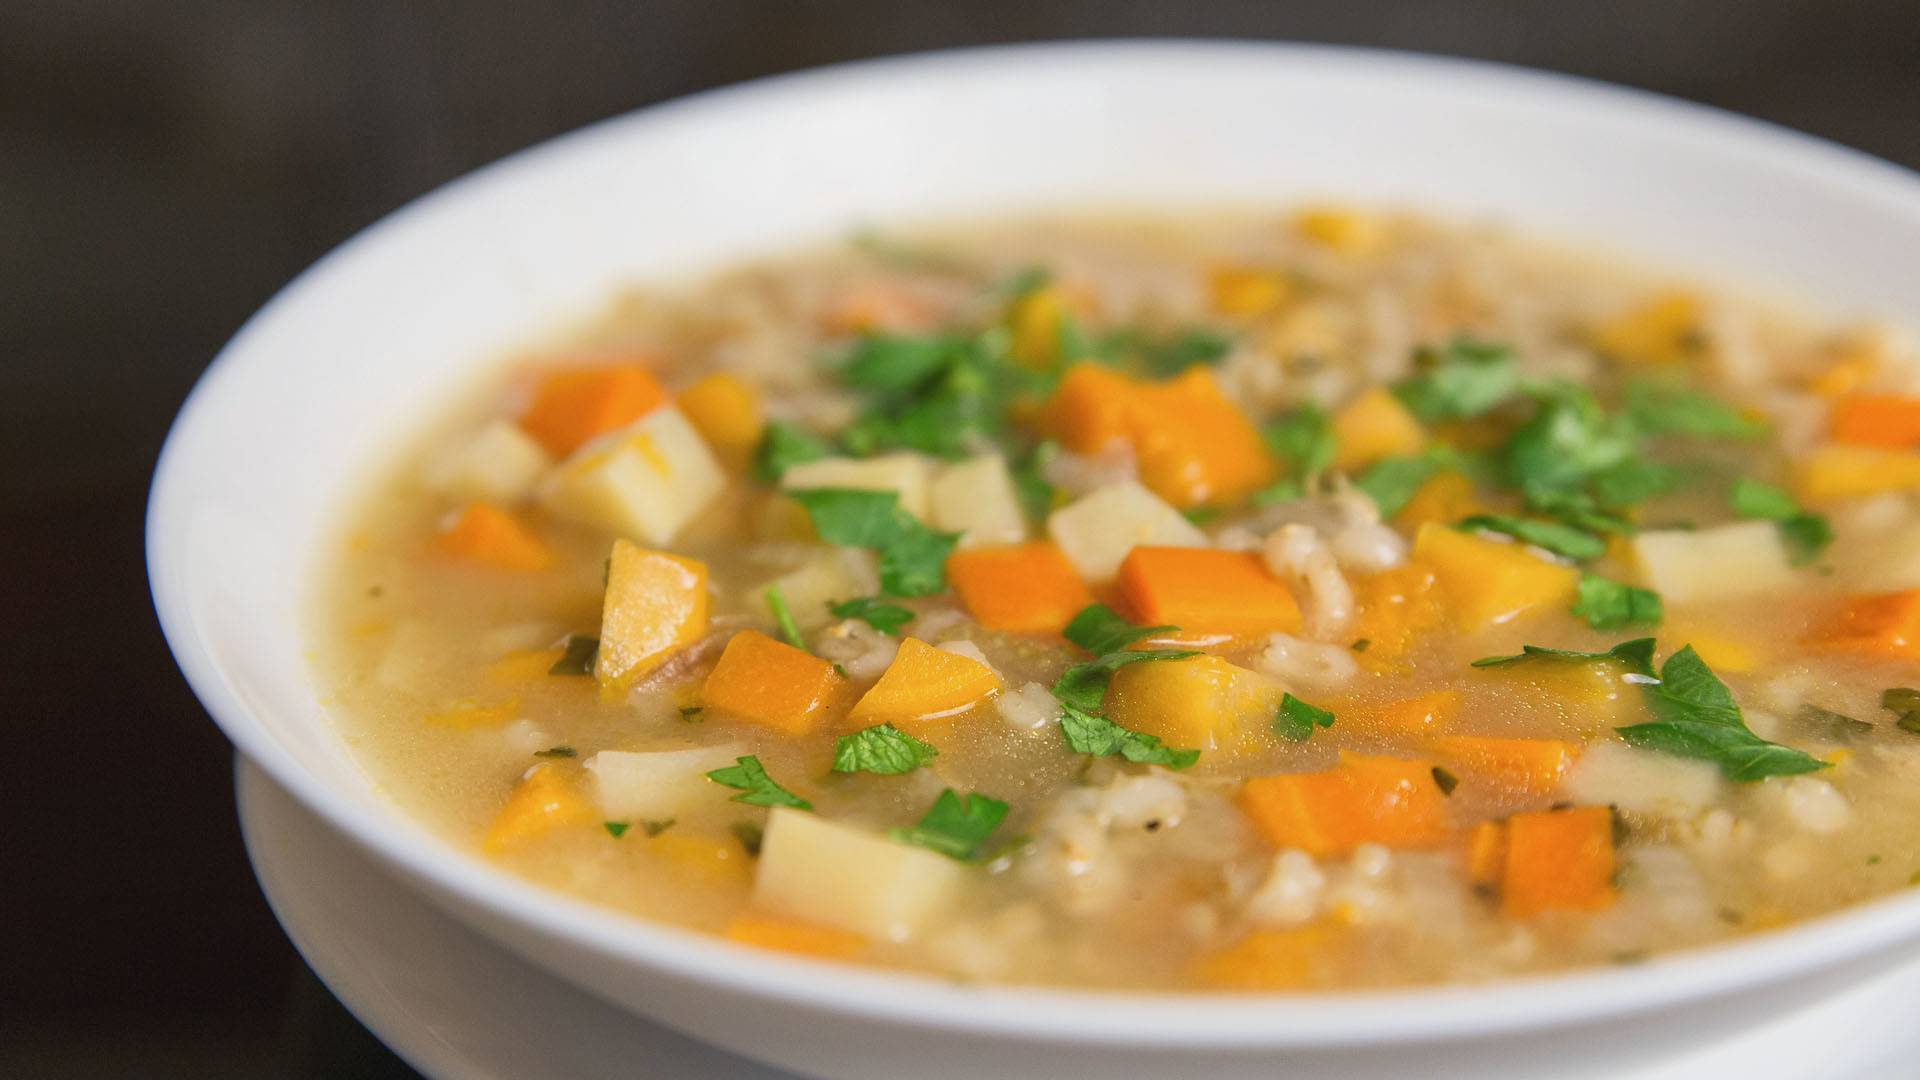 Как варить молочный суп с вермишелью: 11 рецептов молочных супов для детей